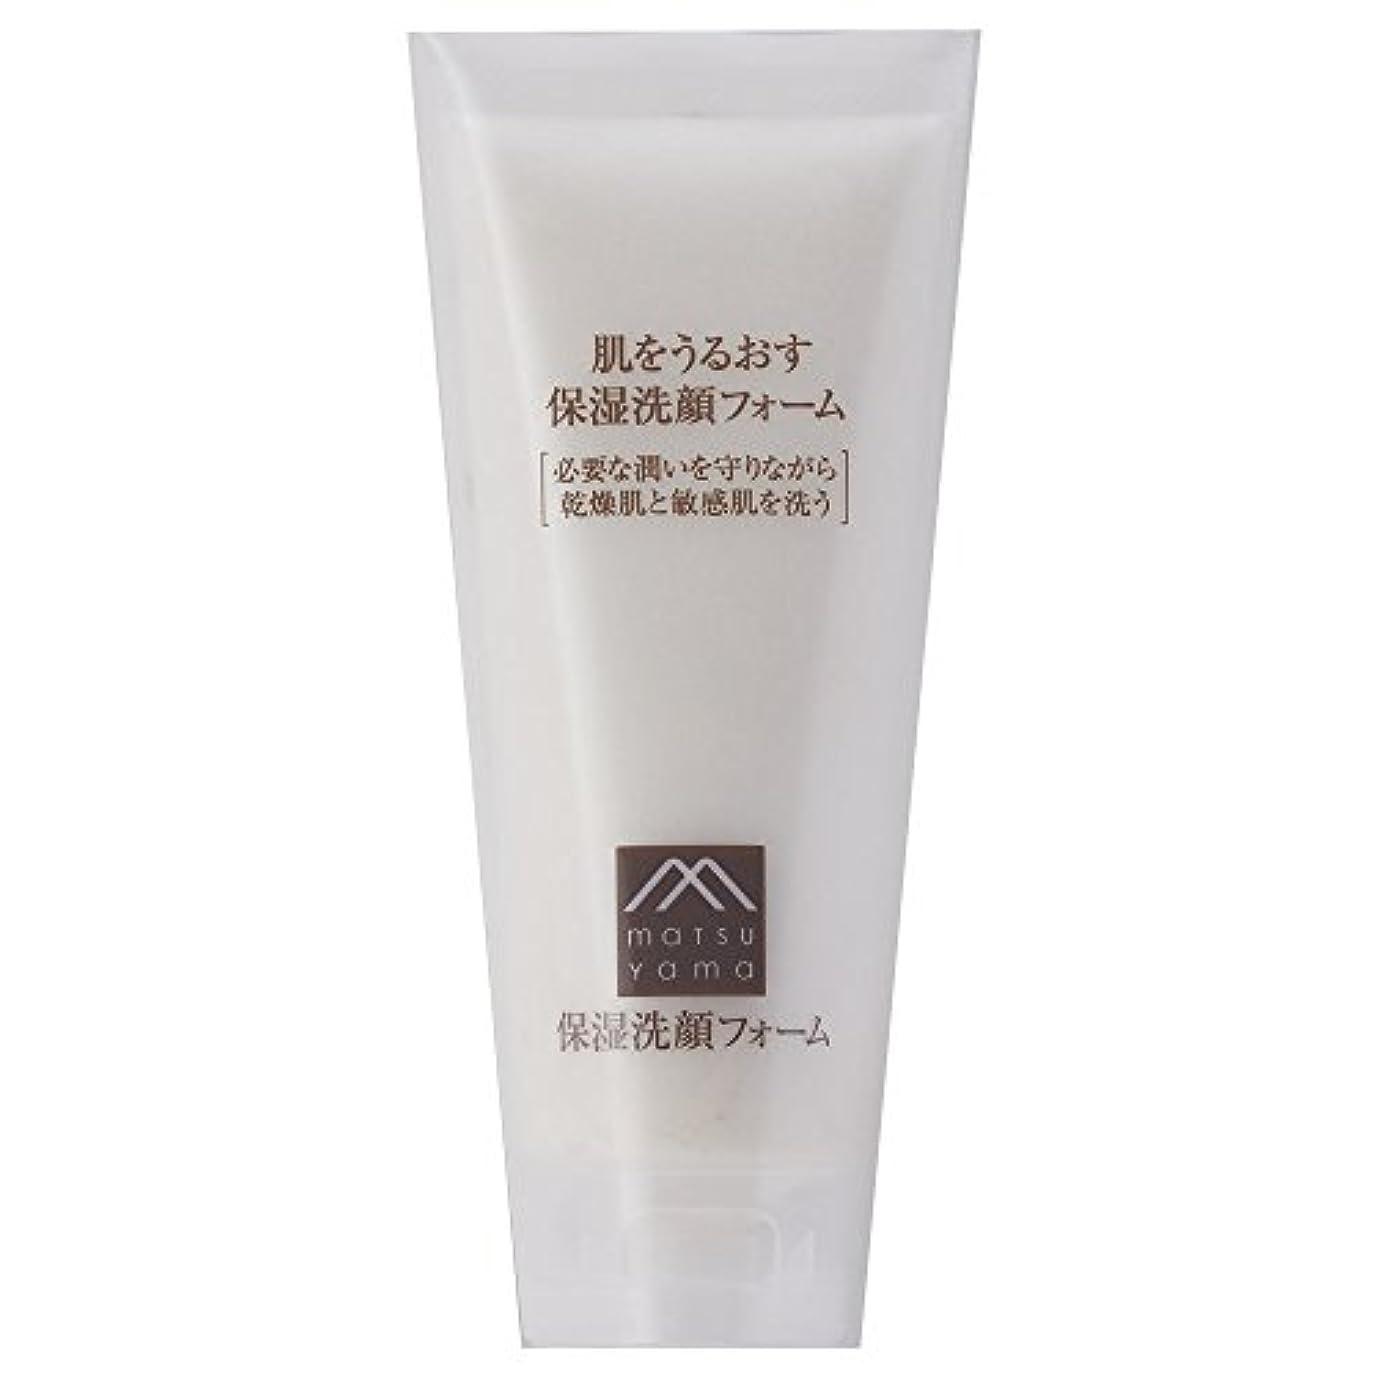 ガソリン甘いあたたかい肌をうるおす保湿洗顔フォーム(洗顔料) [乾燥肌 敏感肌]